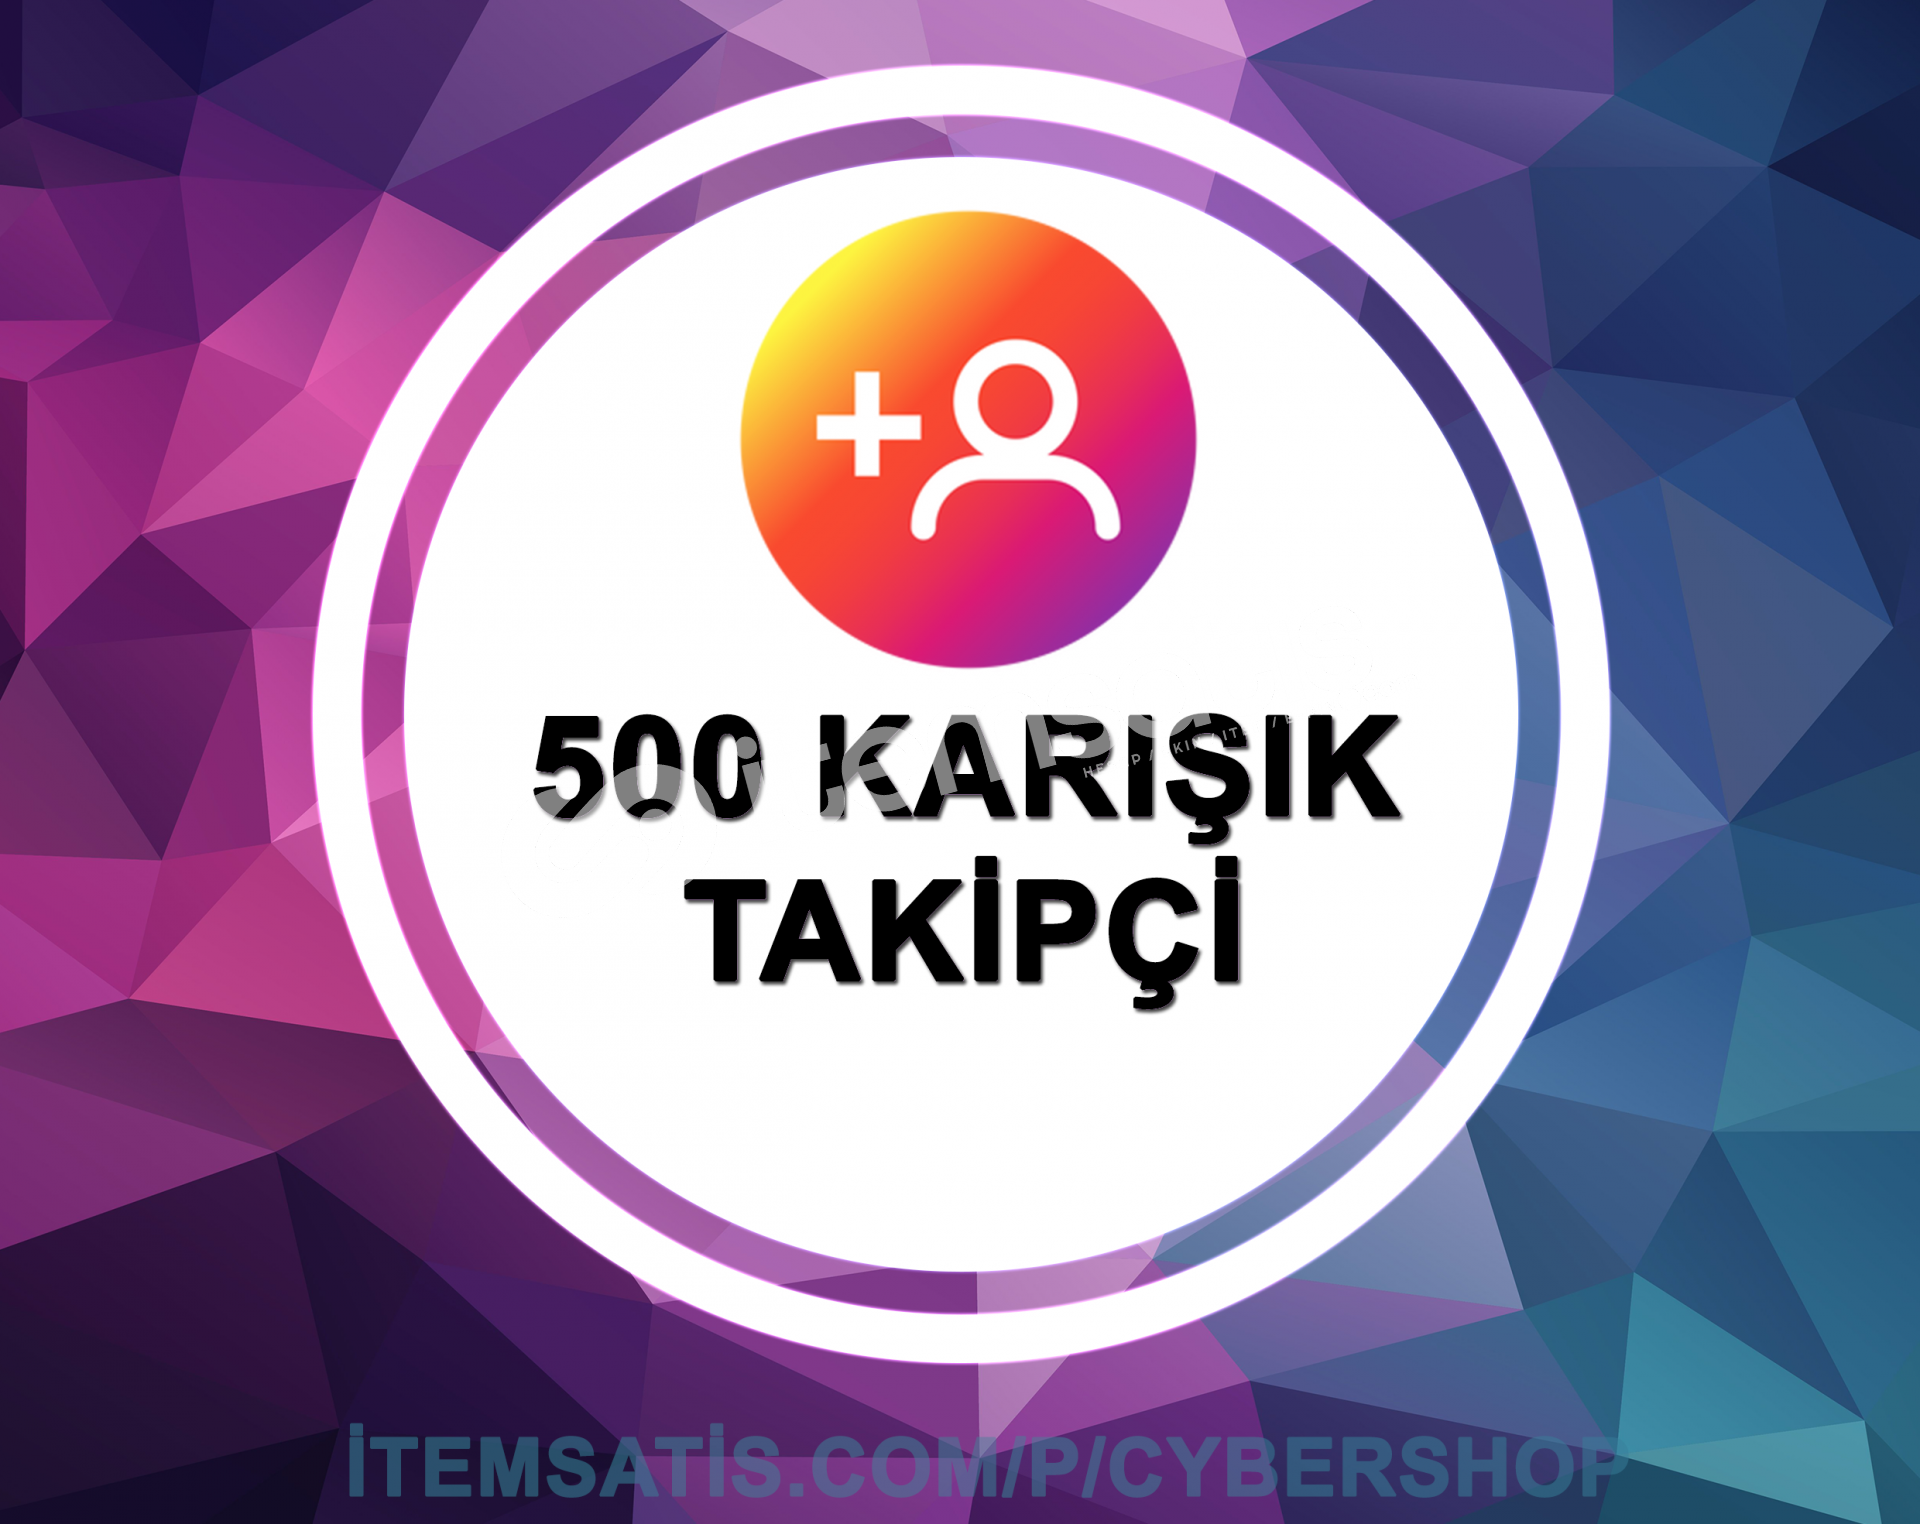 500 İnstagram Takipçi Paketi (Anlık Gönderim)